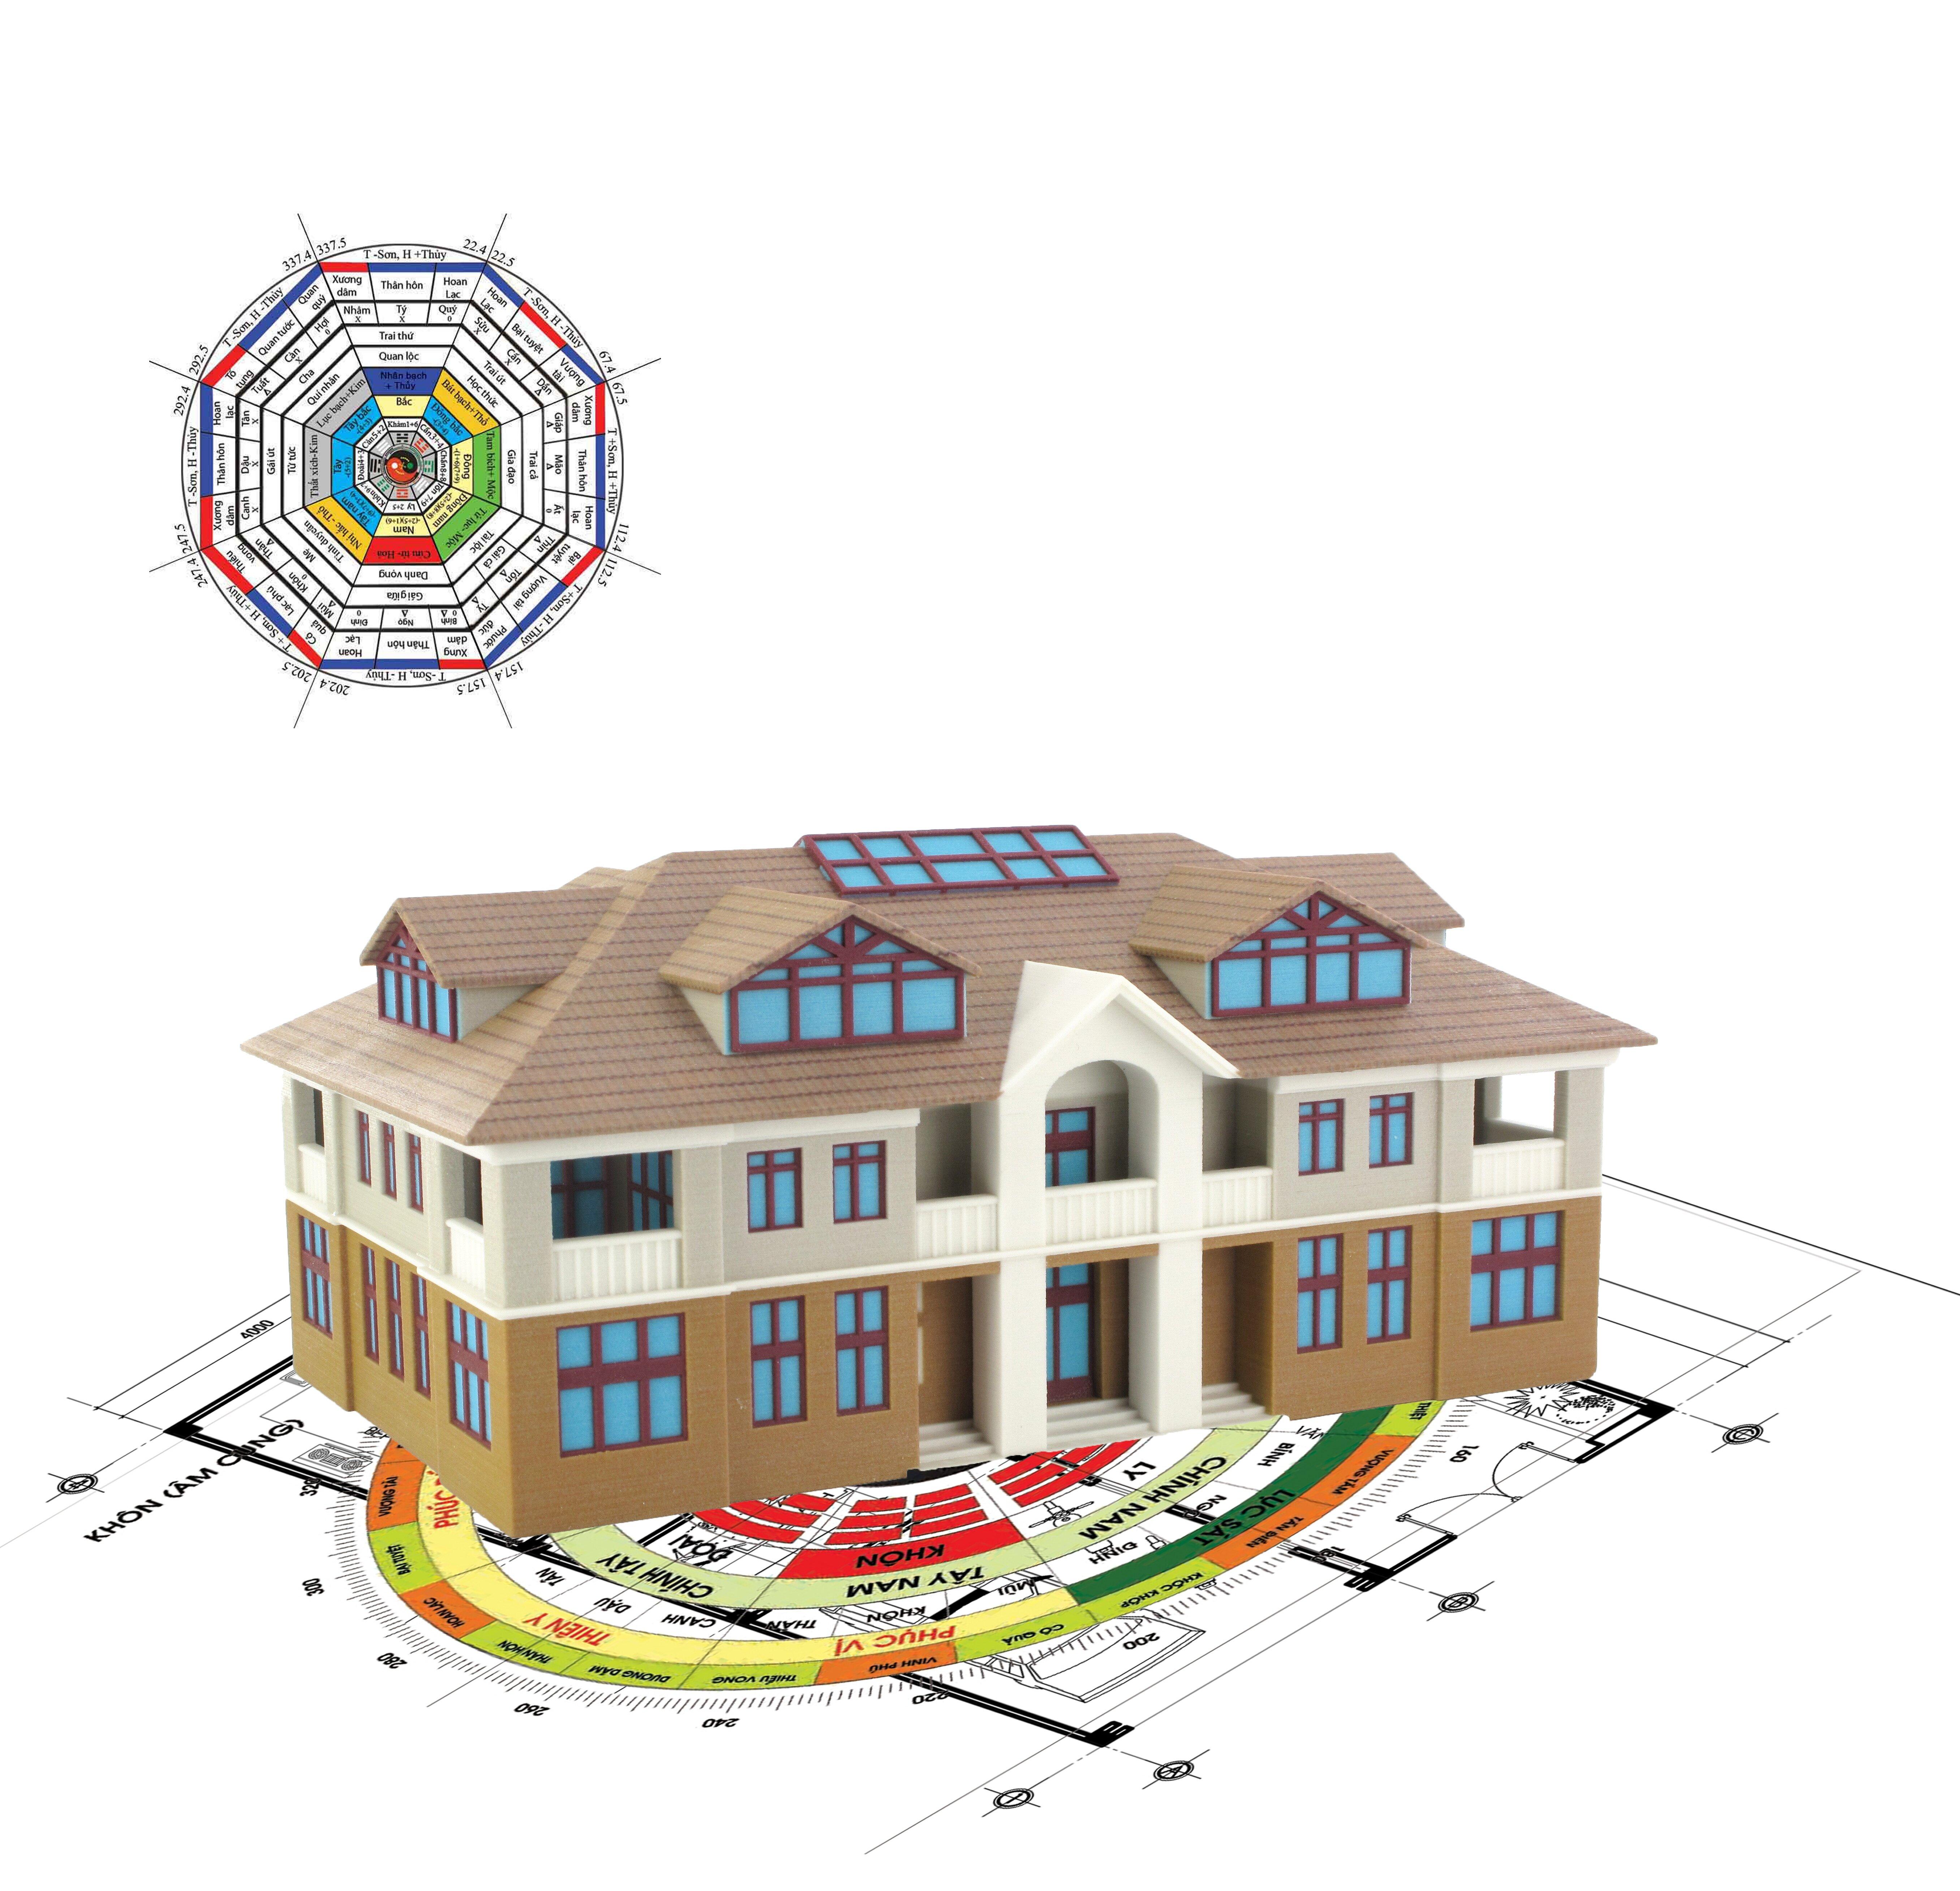 Thuyết phong thủy nào cần chú ý khi mua nhà?